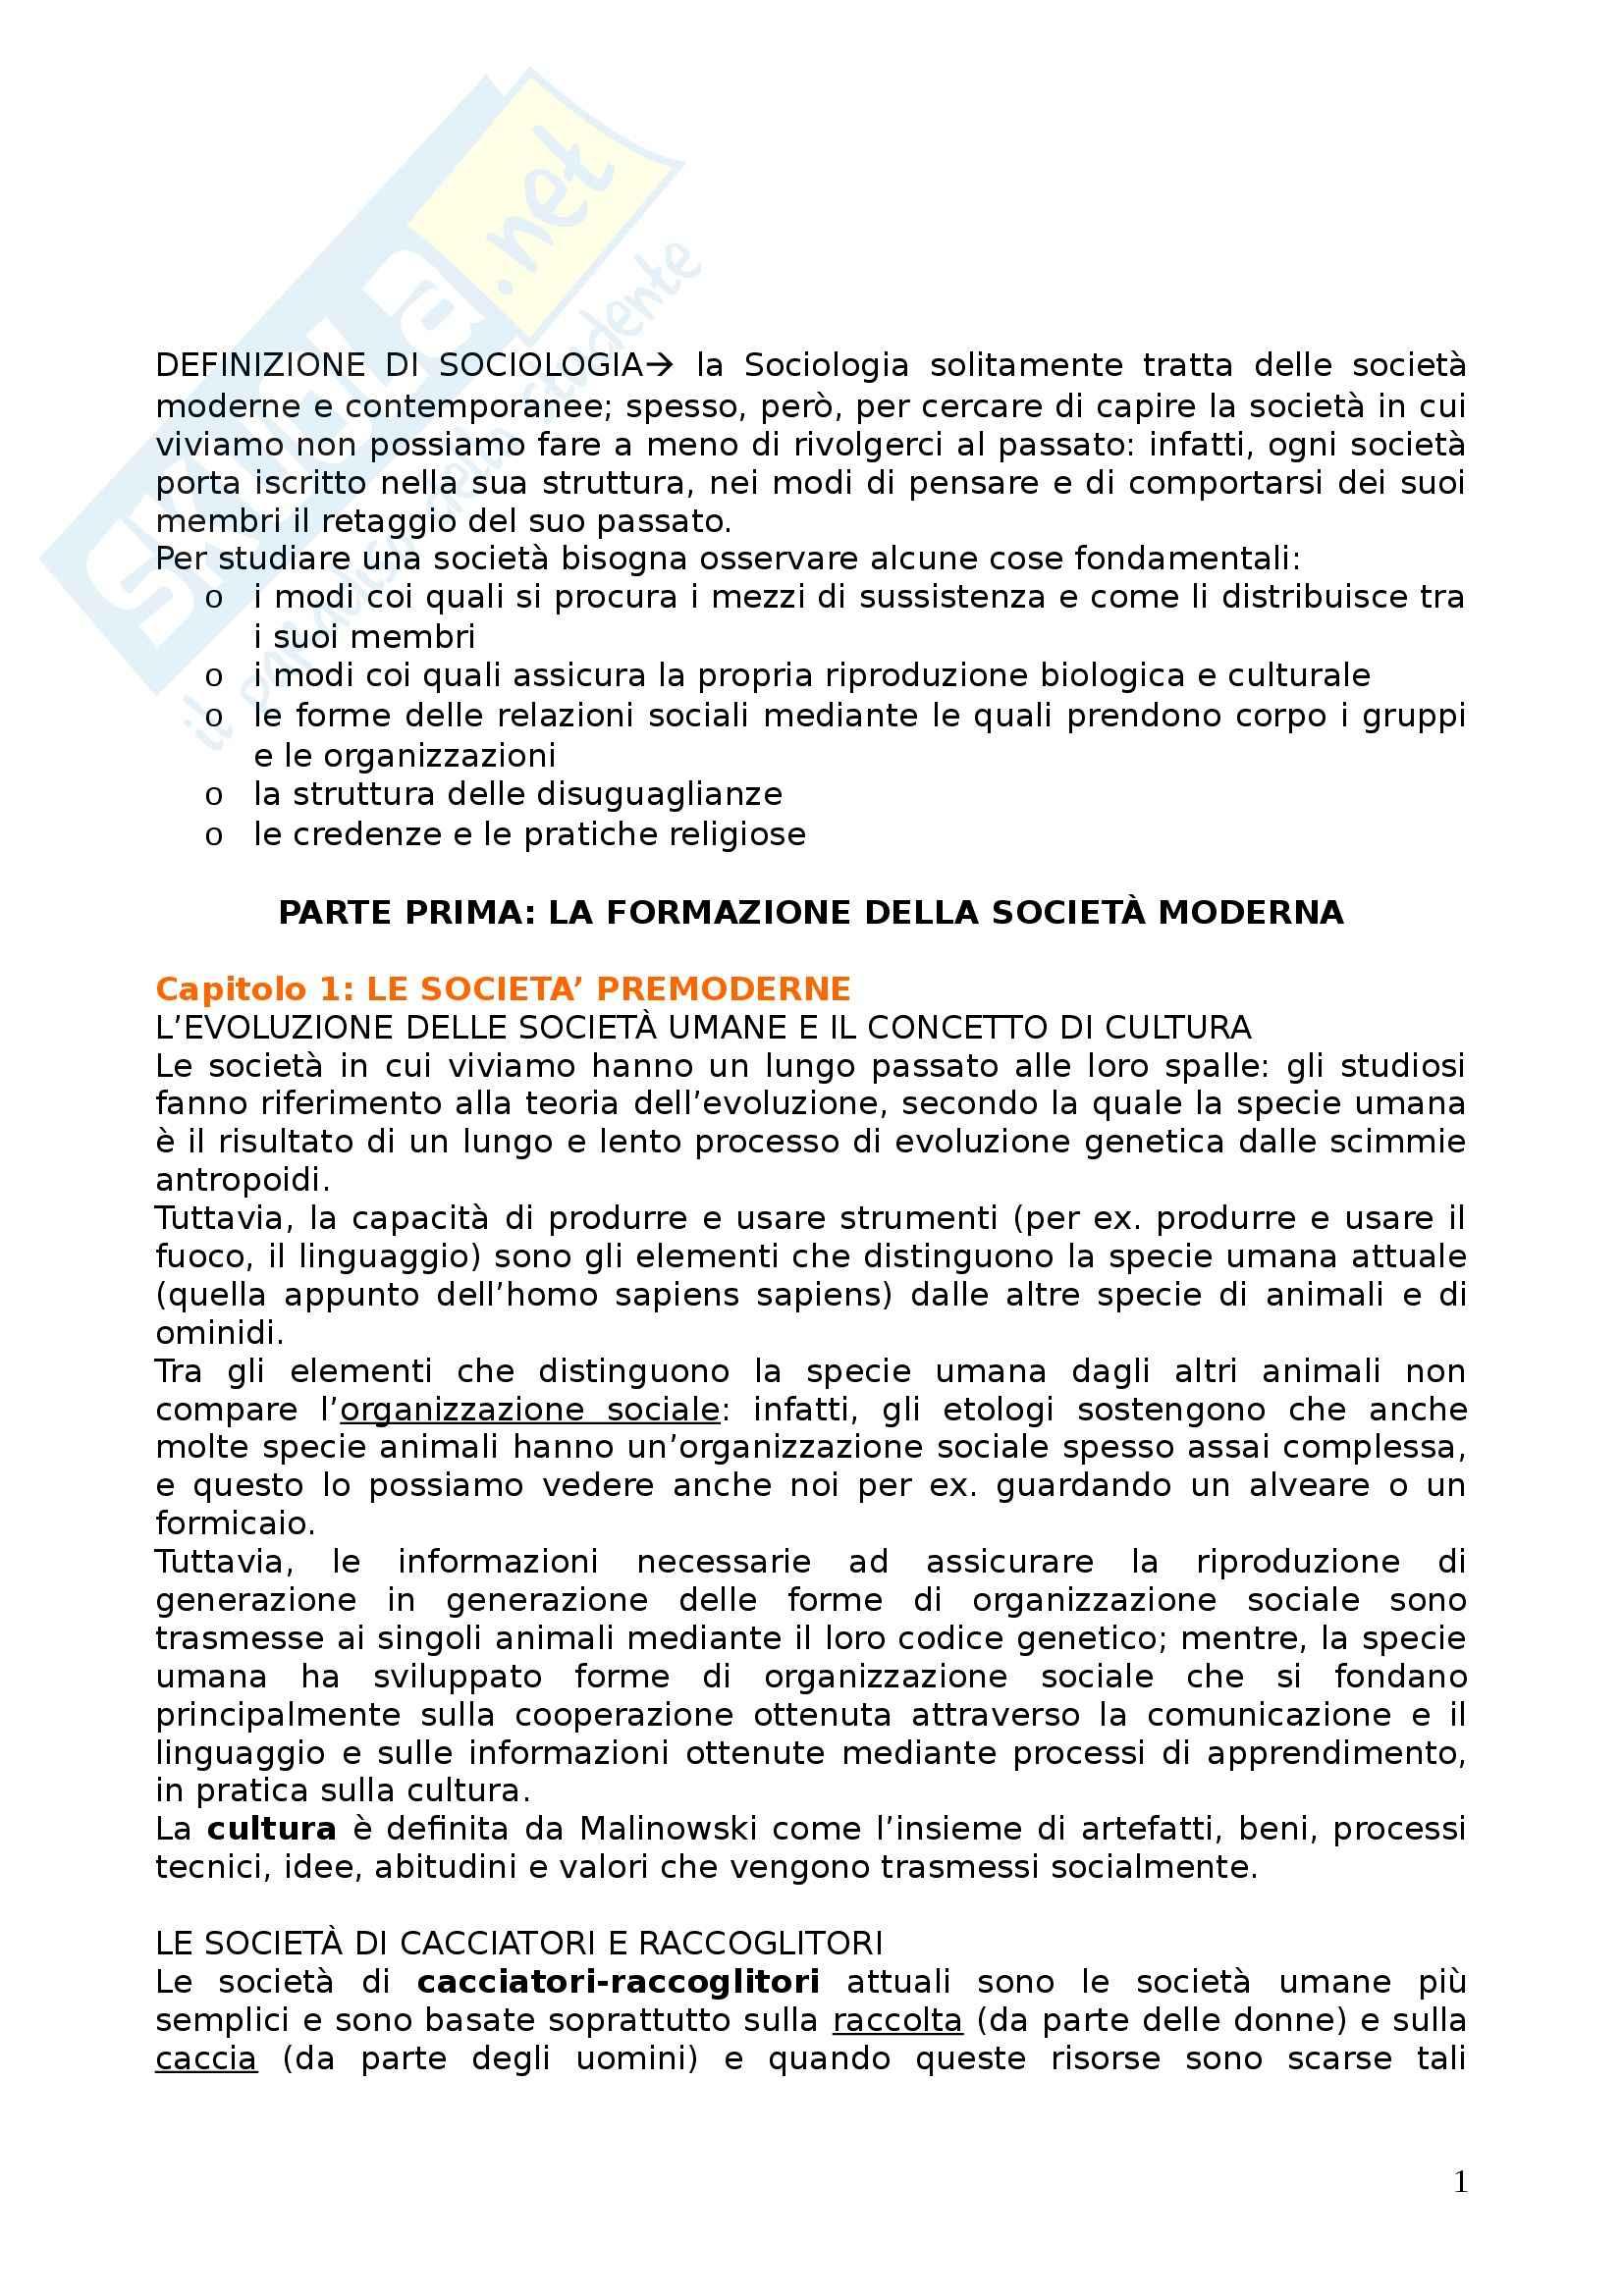 Riassunto esame Sociologia, prof. Dino, libro consigliato Corso di Sociologia di Bagnasco, Barbaglie e Cavalli